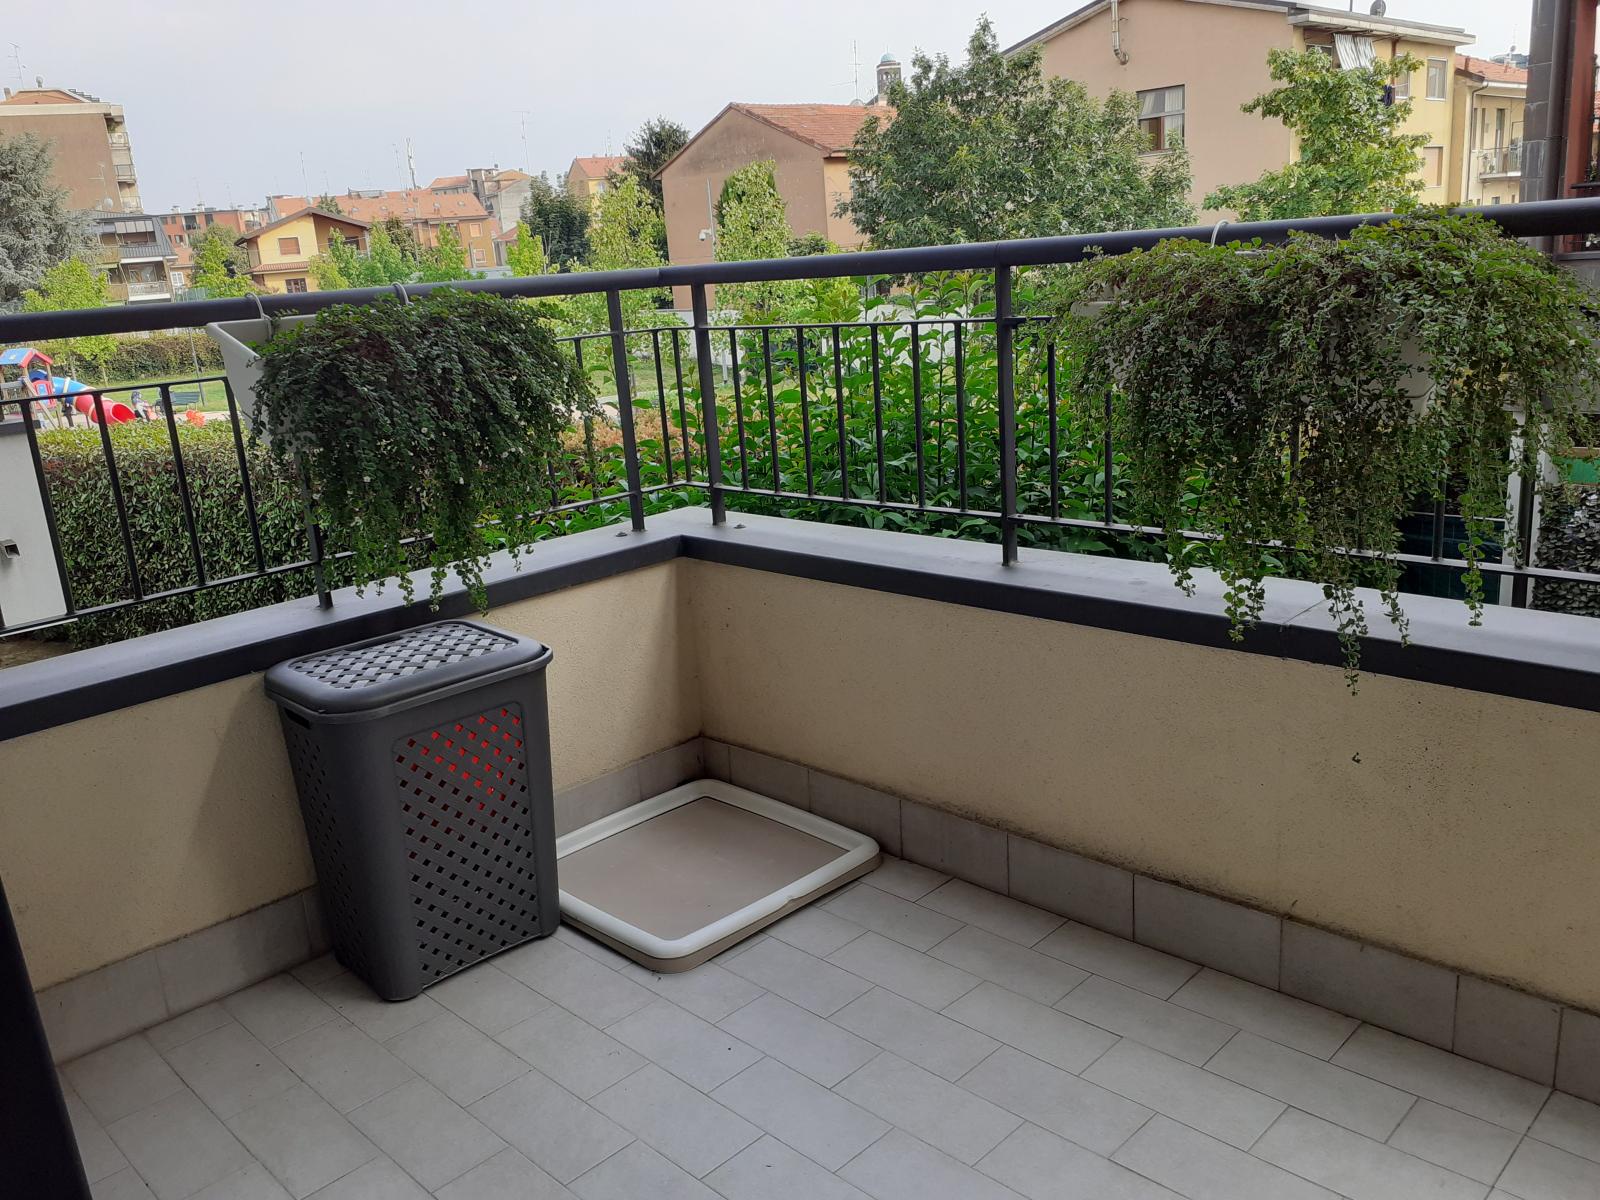 appartamento-open-space-milano-via-broggini-baggio-spaziourbano-immobiliare-vende-15